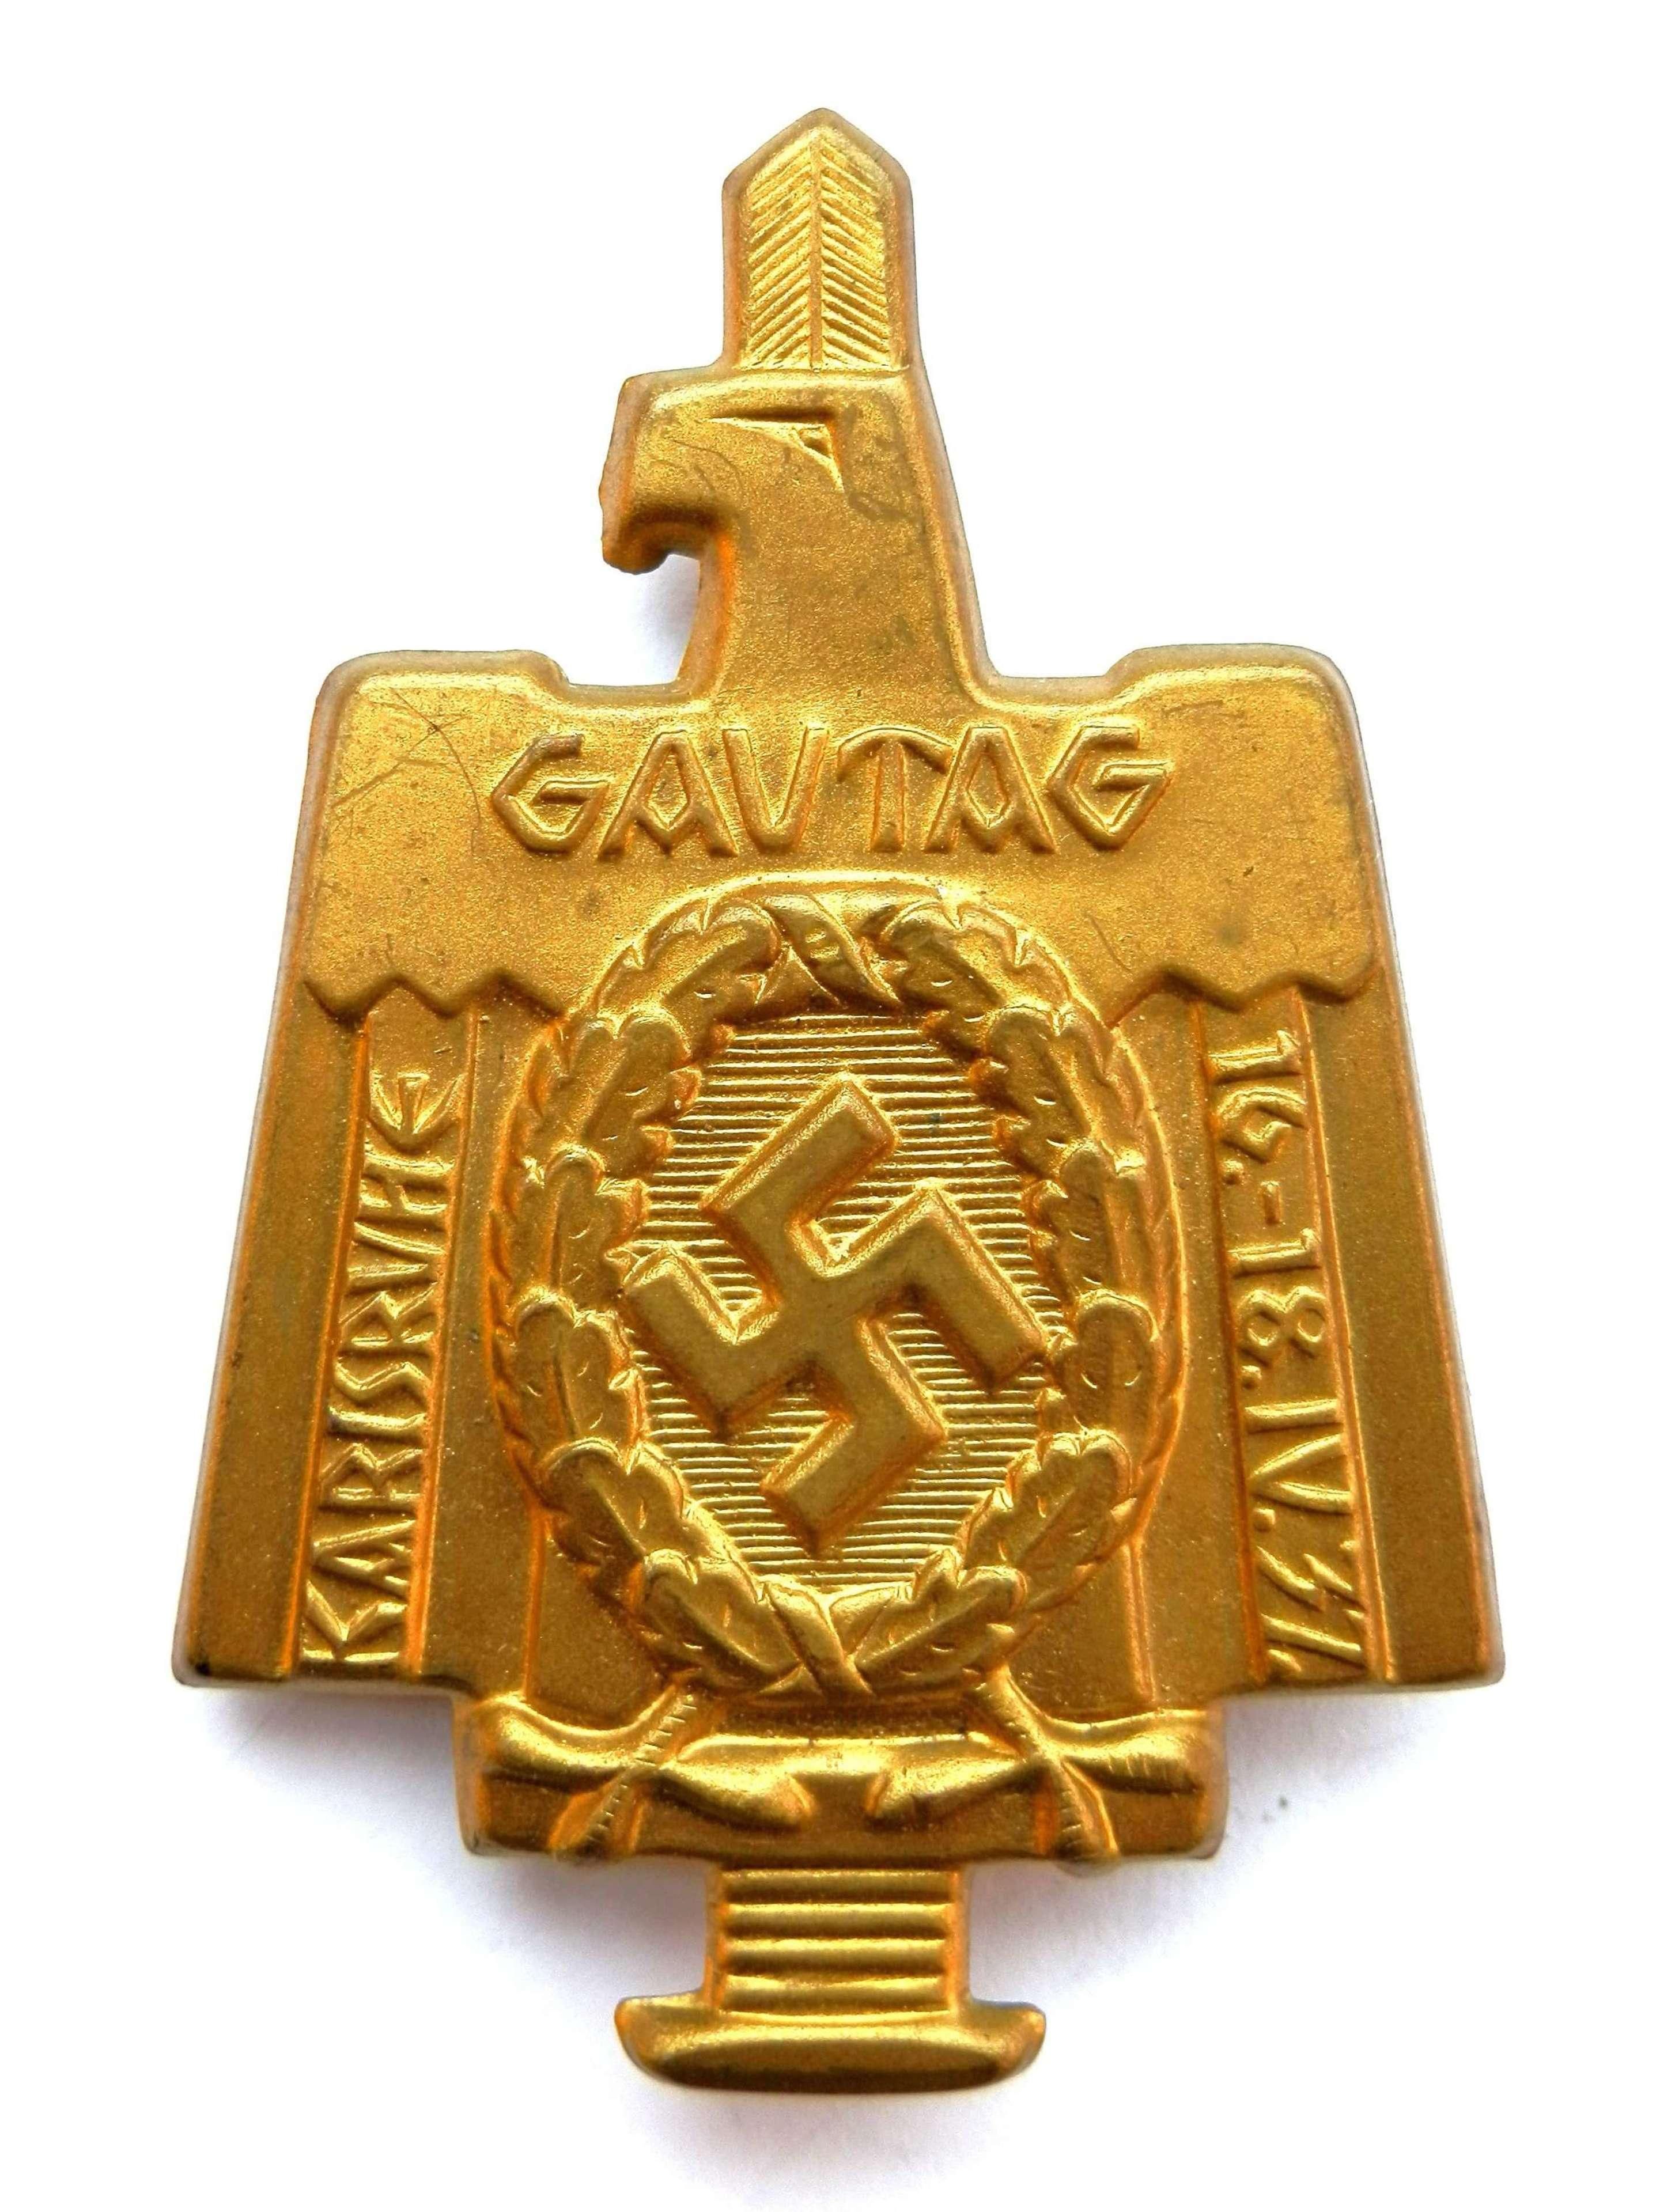 Gautag Karlsruhe 1937 Badge.